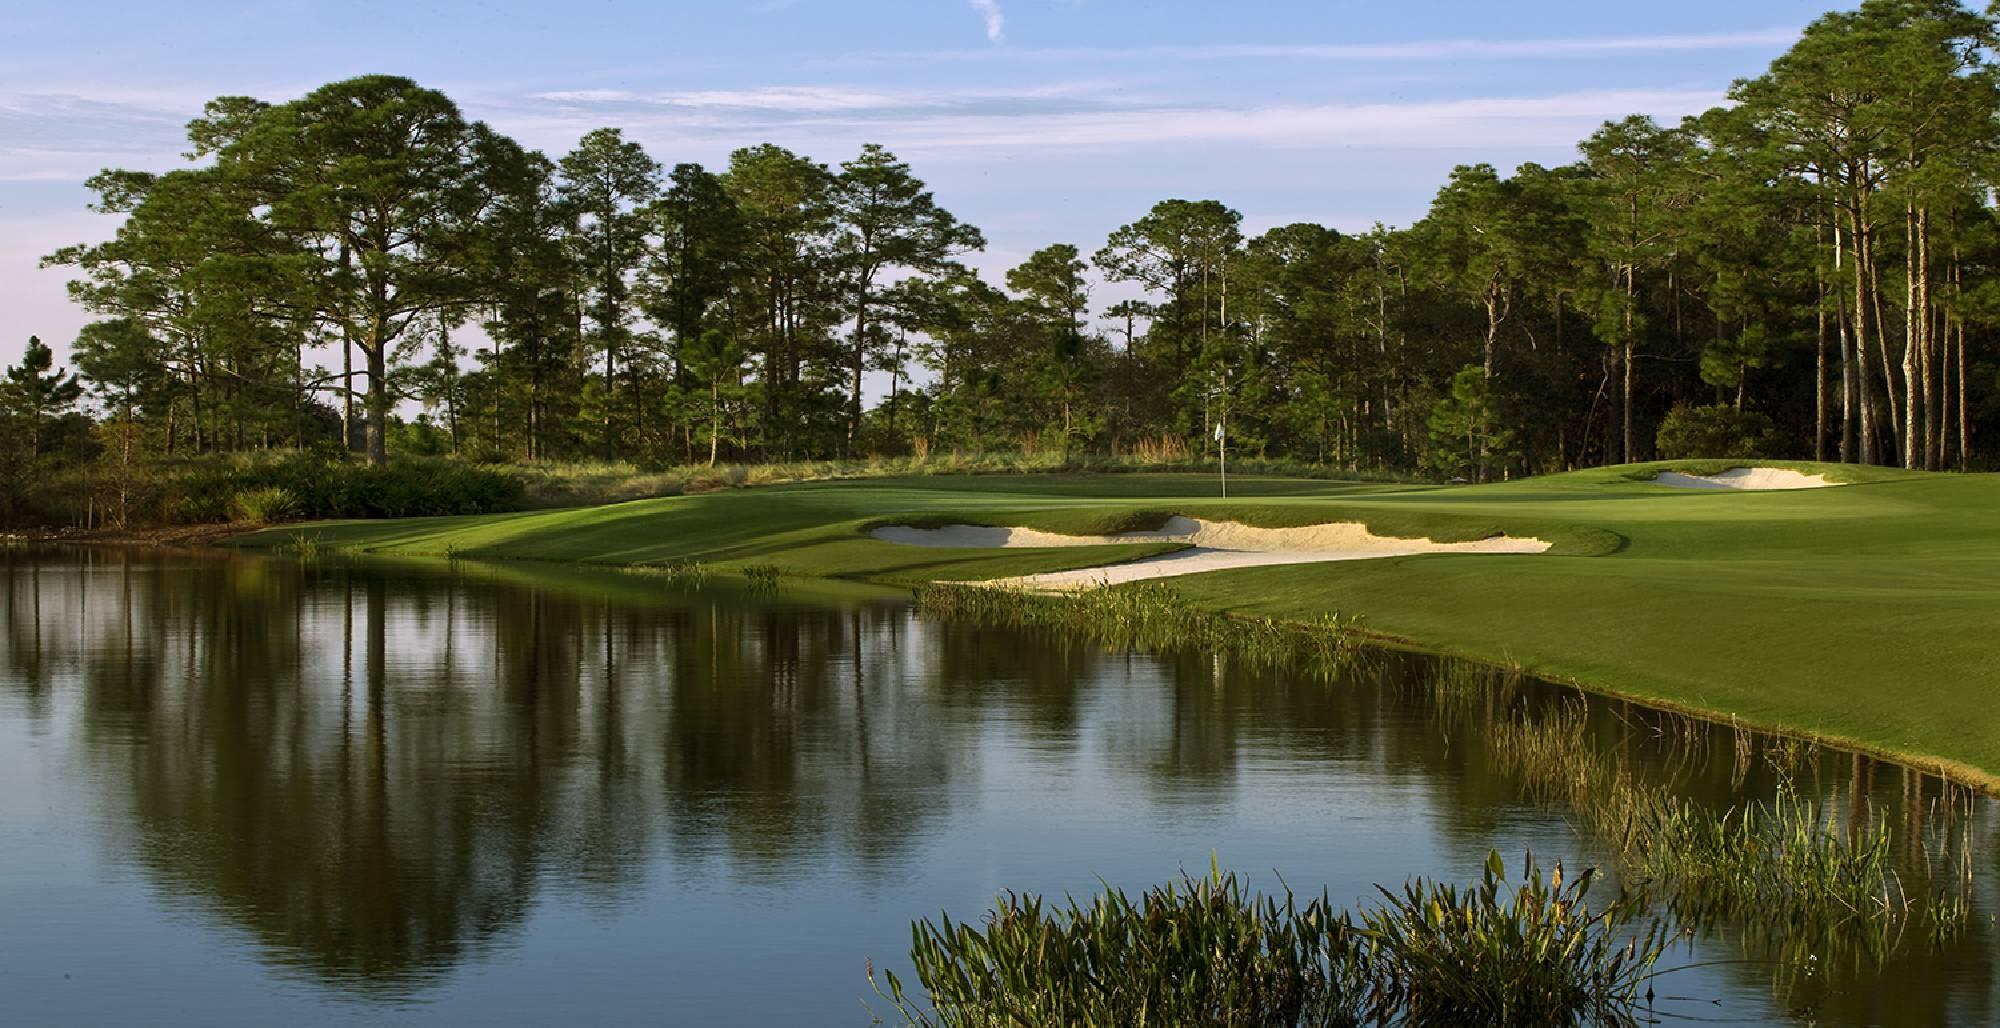 golf-bg-2000x1028-42.jpg